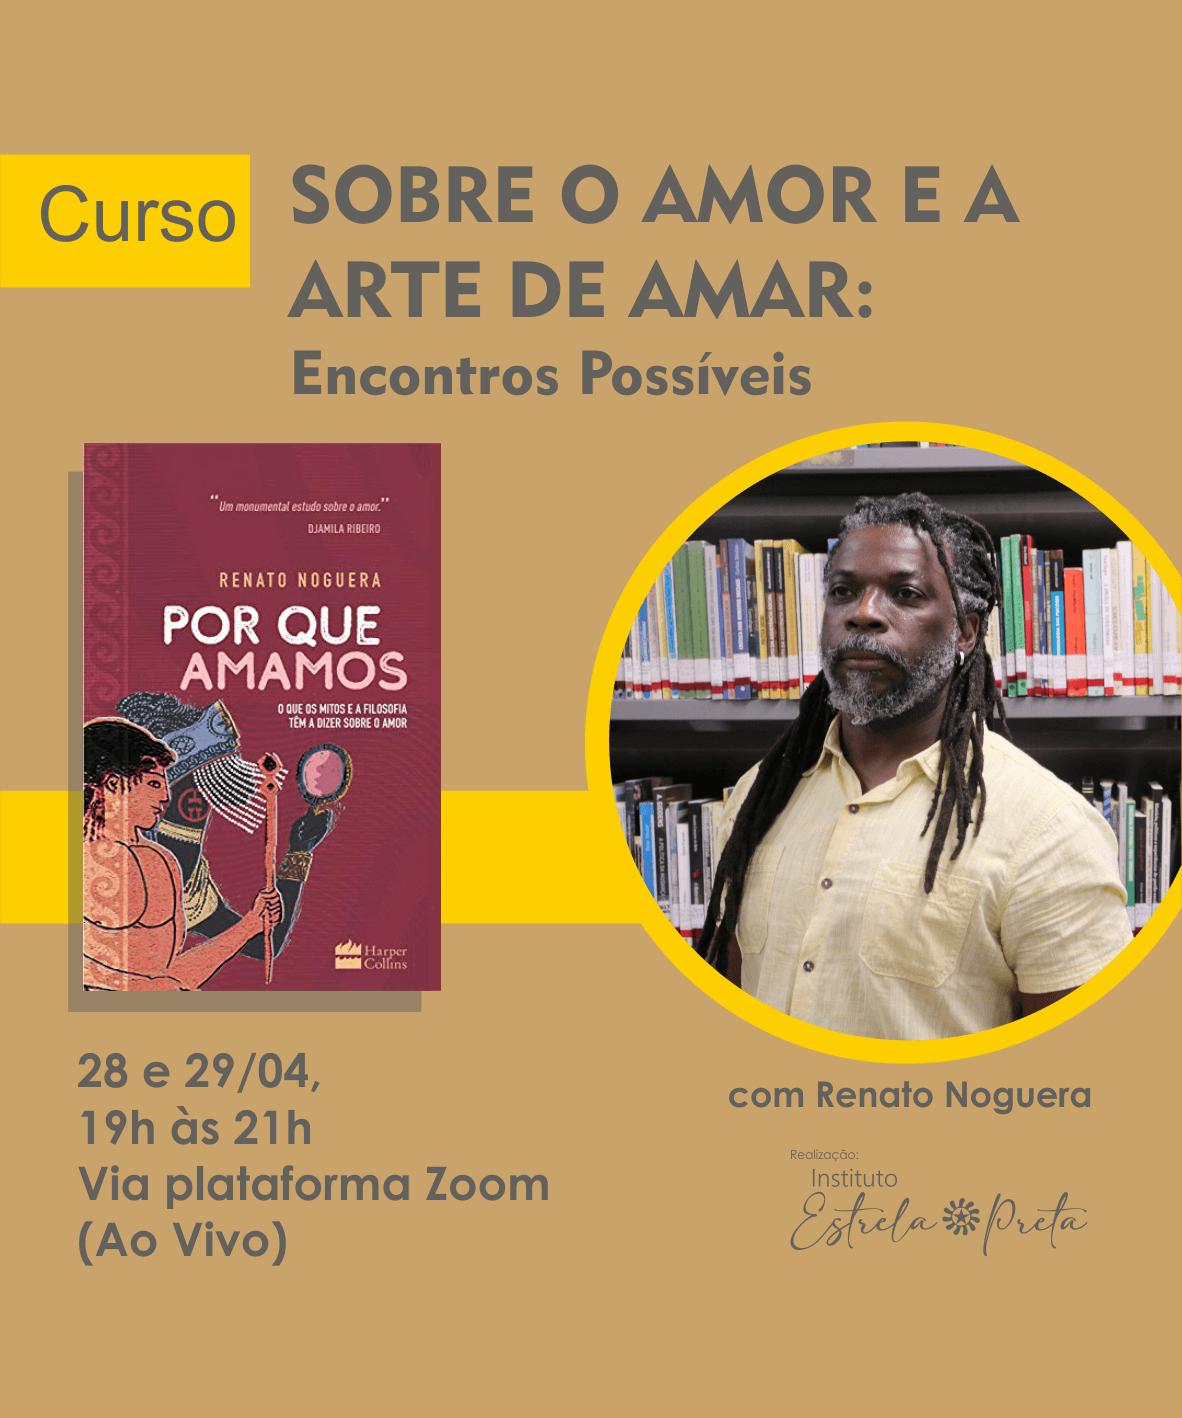 """Curso """"Sobre O Amor e a Arte de Amar: Encontros Possíveis"""" com Renato Noguera"""